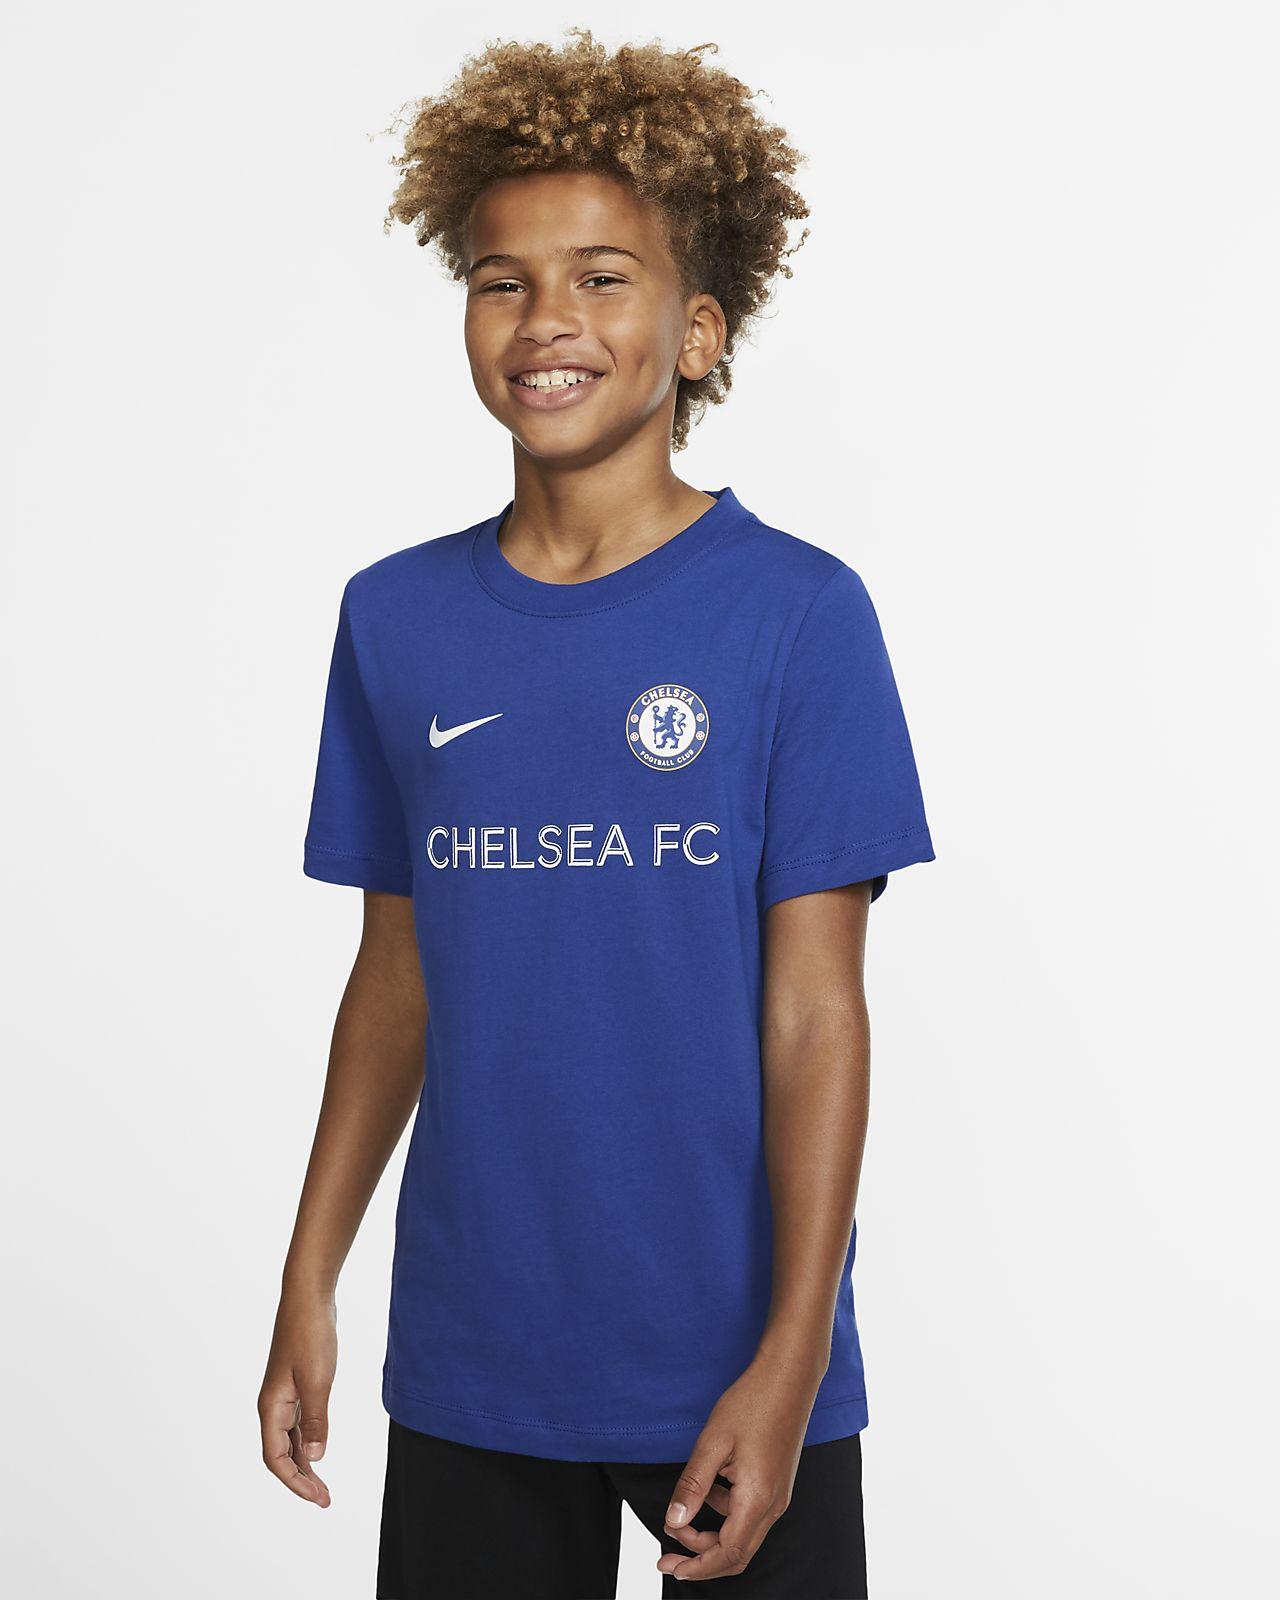 Chelsea FC Samarreta - Nen/a